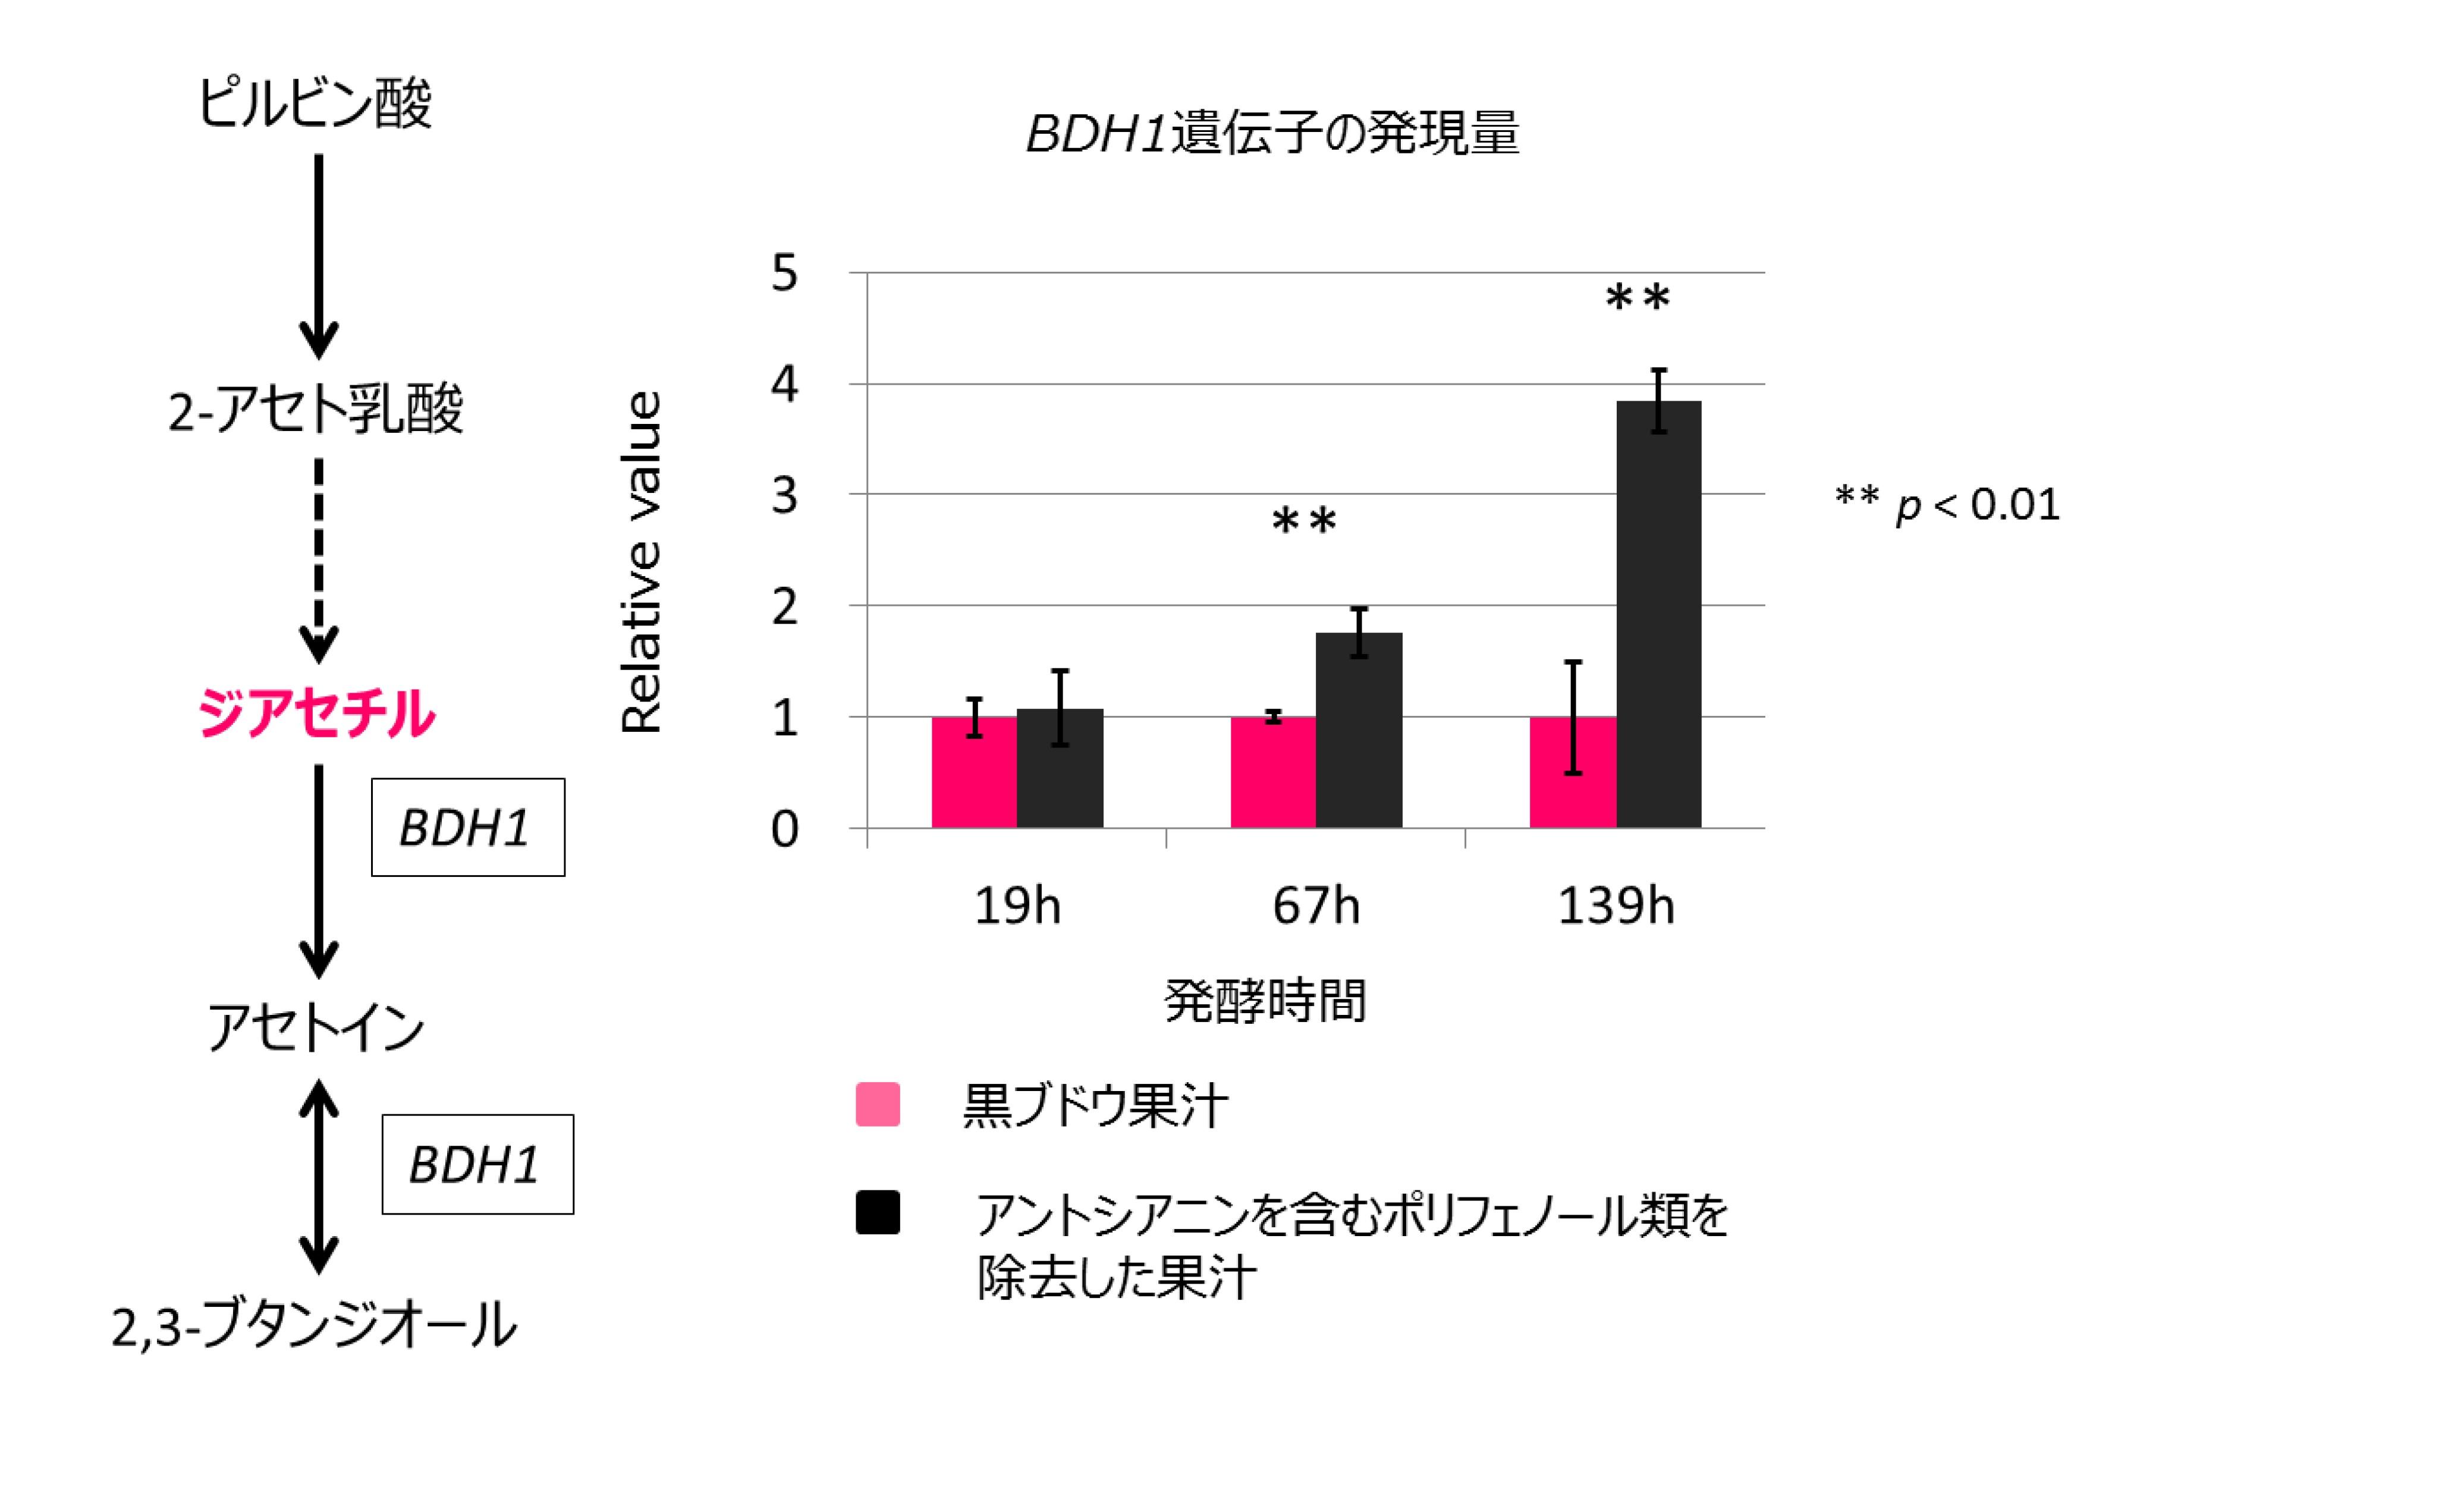 161010_%e3%82%a2%e3%83%b3%e3%83%88%e3%82%b7%e3%82%a2%e3%83%8b%e3%83%b3